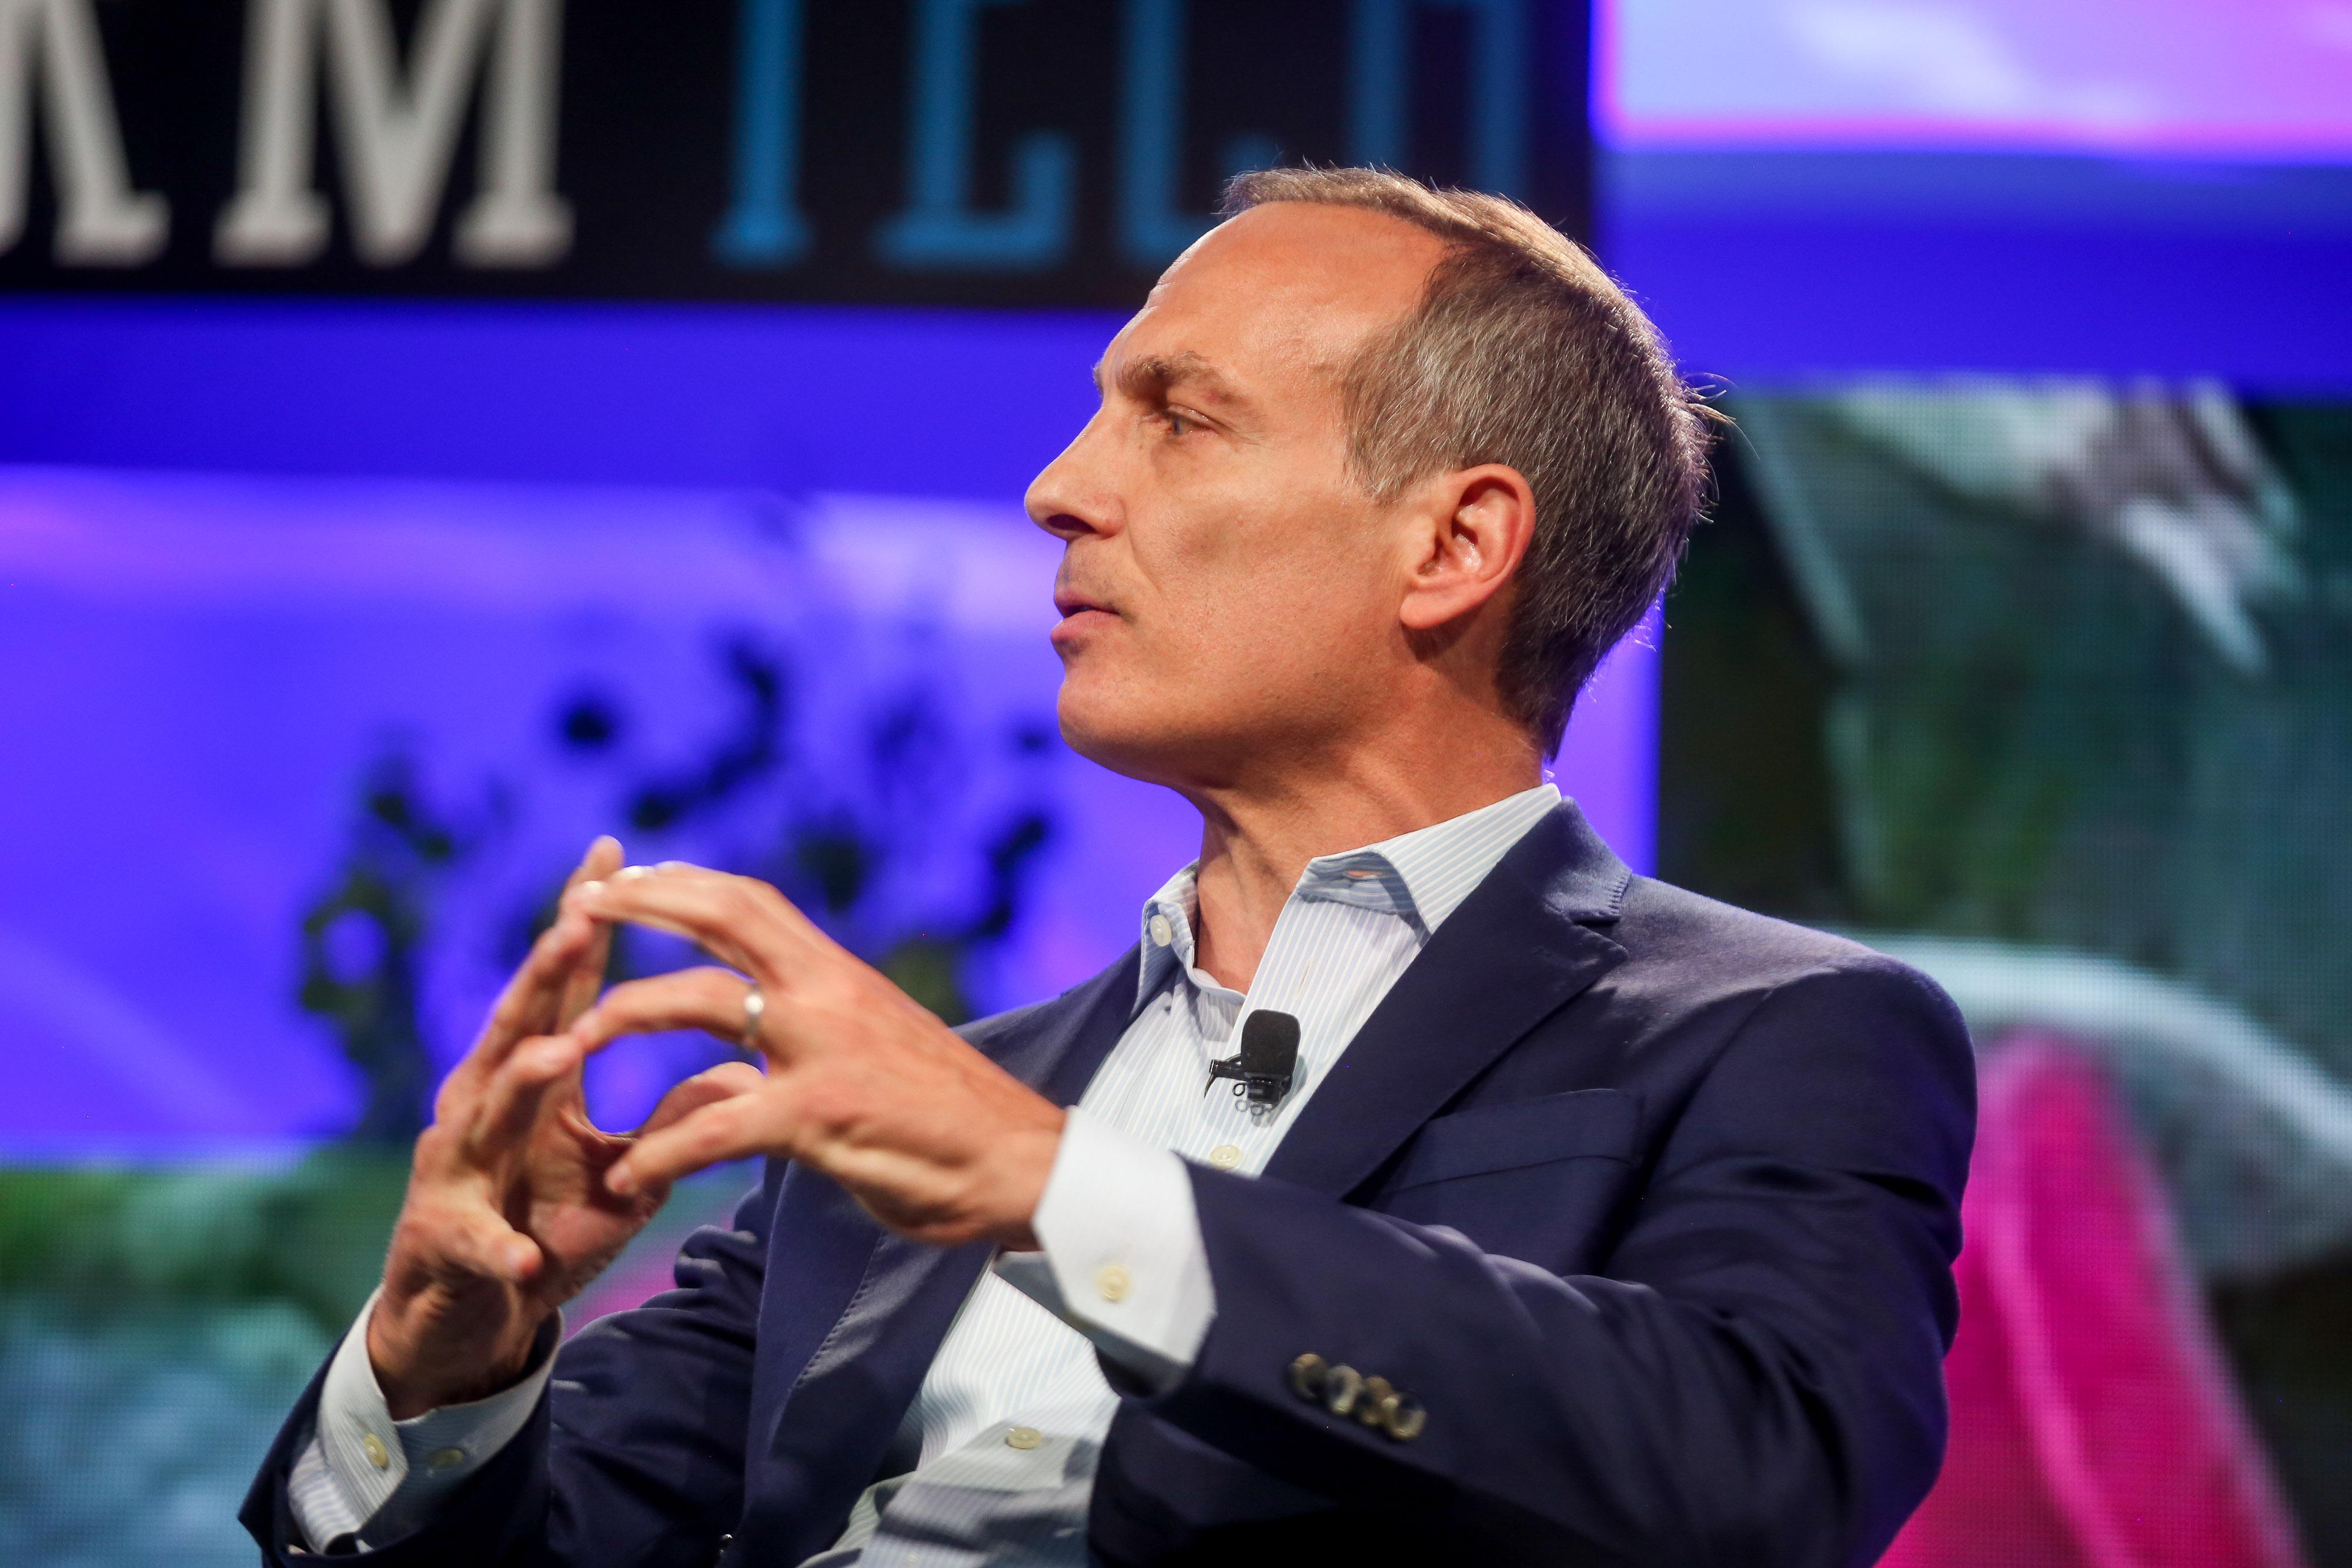 CEO de Booking afirma que las criptomonedas tienen un gran potencial económico, y proyecta un masivo crecimiento